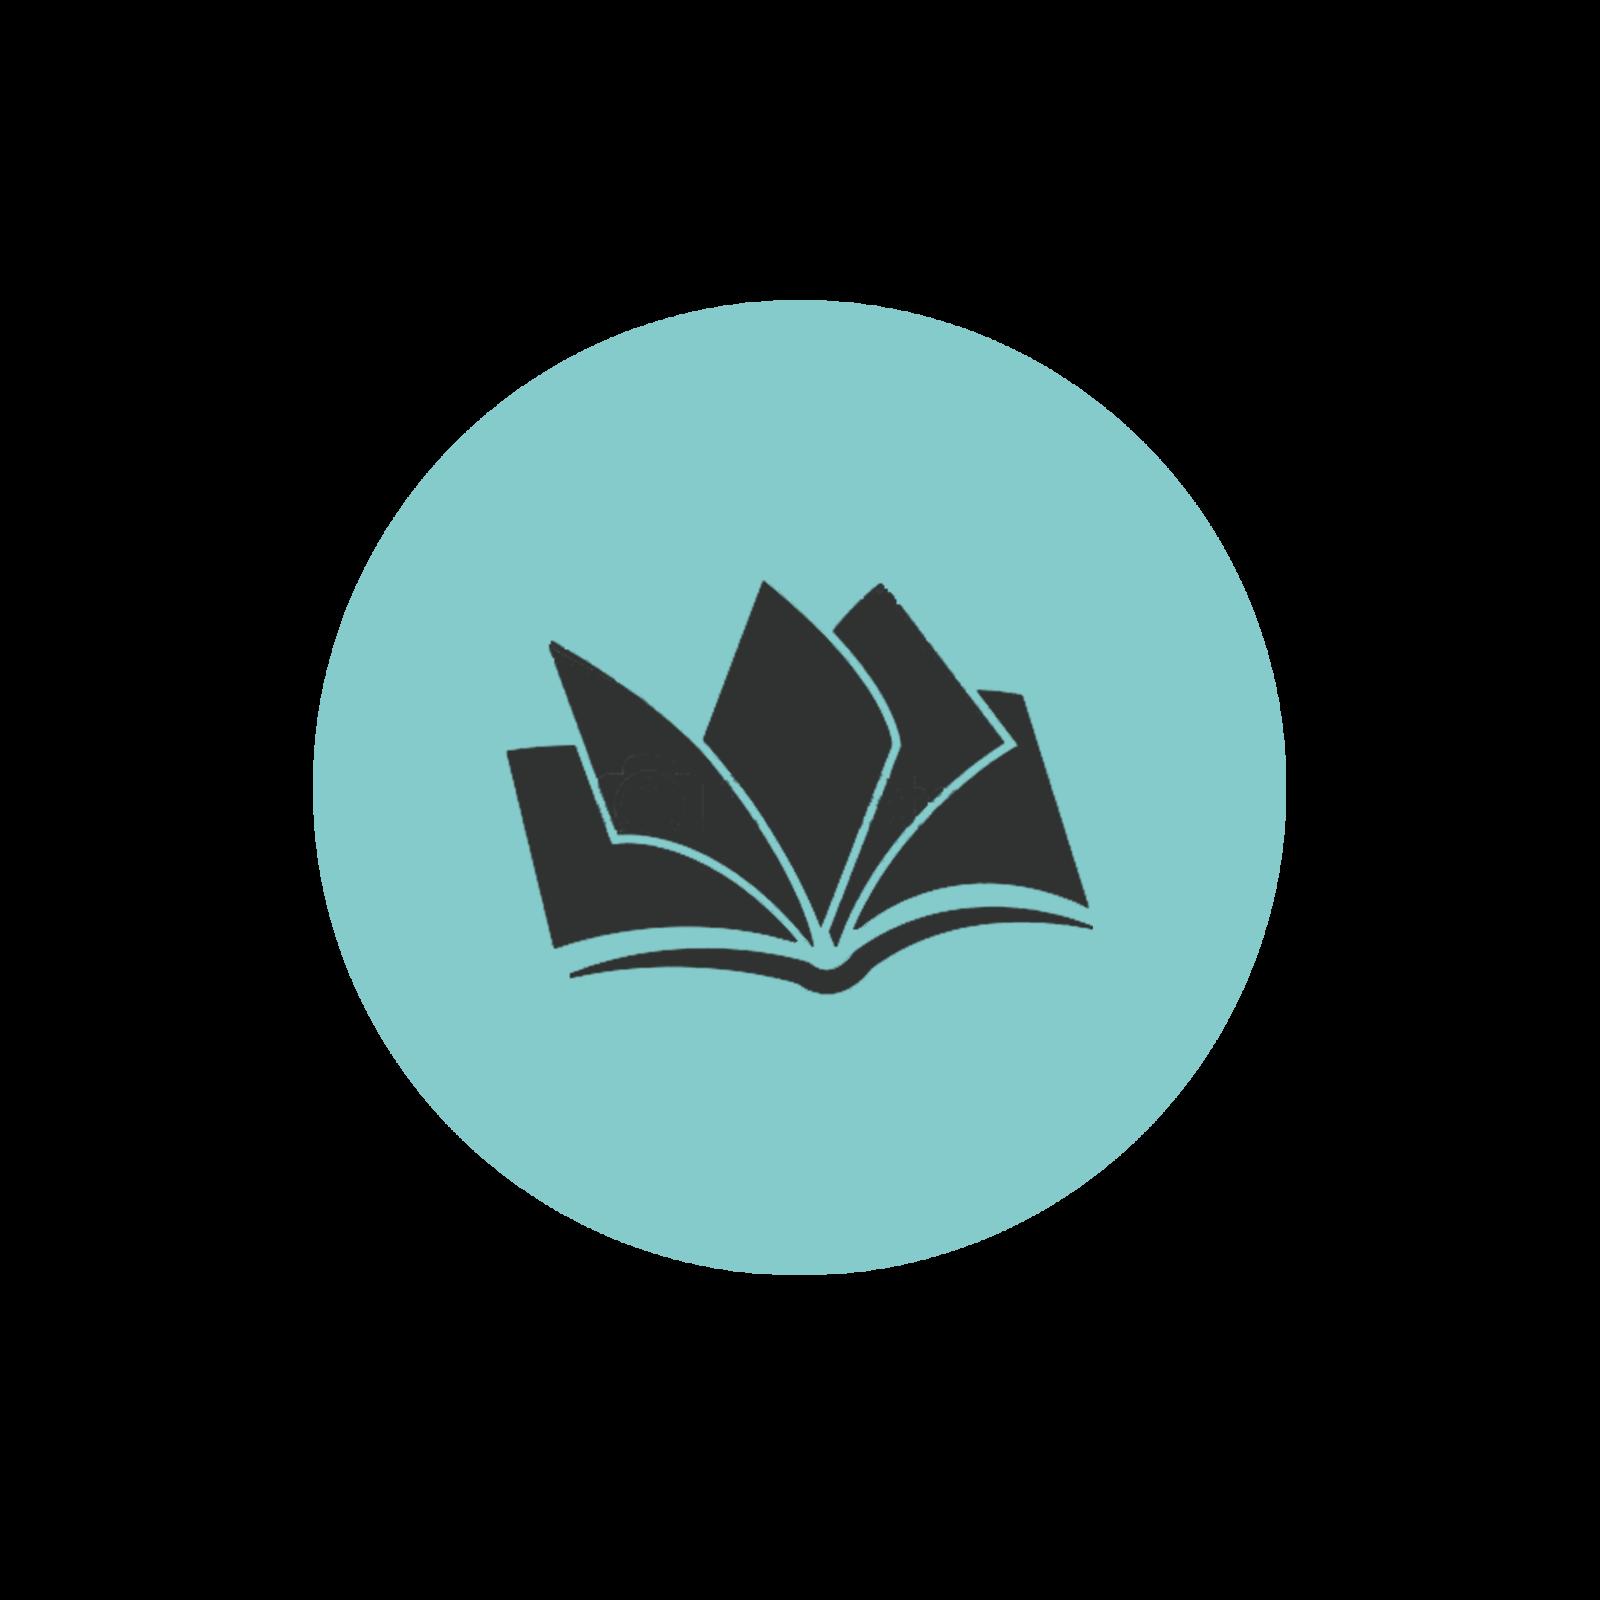 Du 30 mai au 11 juin, Bibliothèques sans frontières collecte vos livres dans les magasins Fnac.